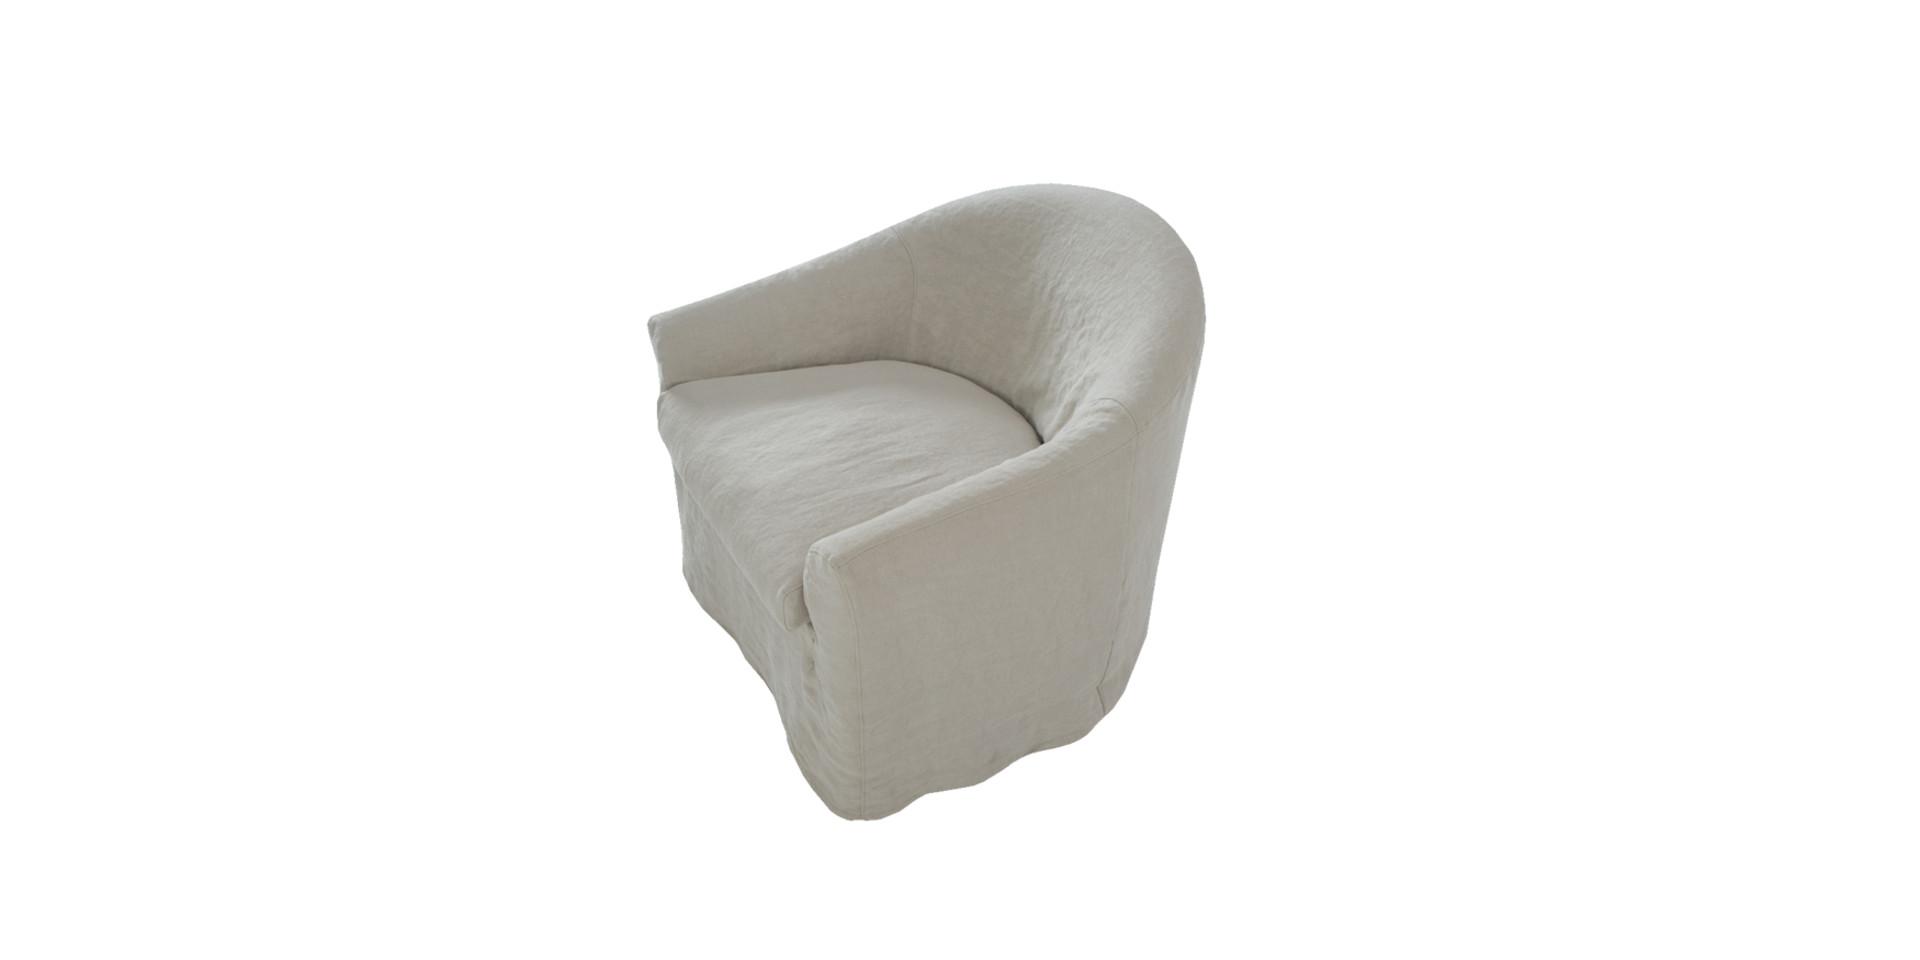 sits-mia-fauteuil-armchair_linenl007_natur_4